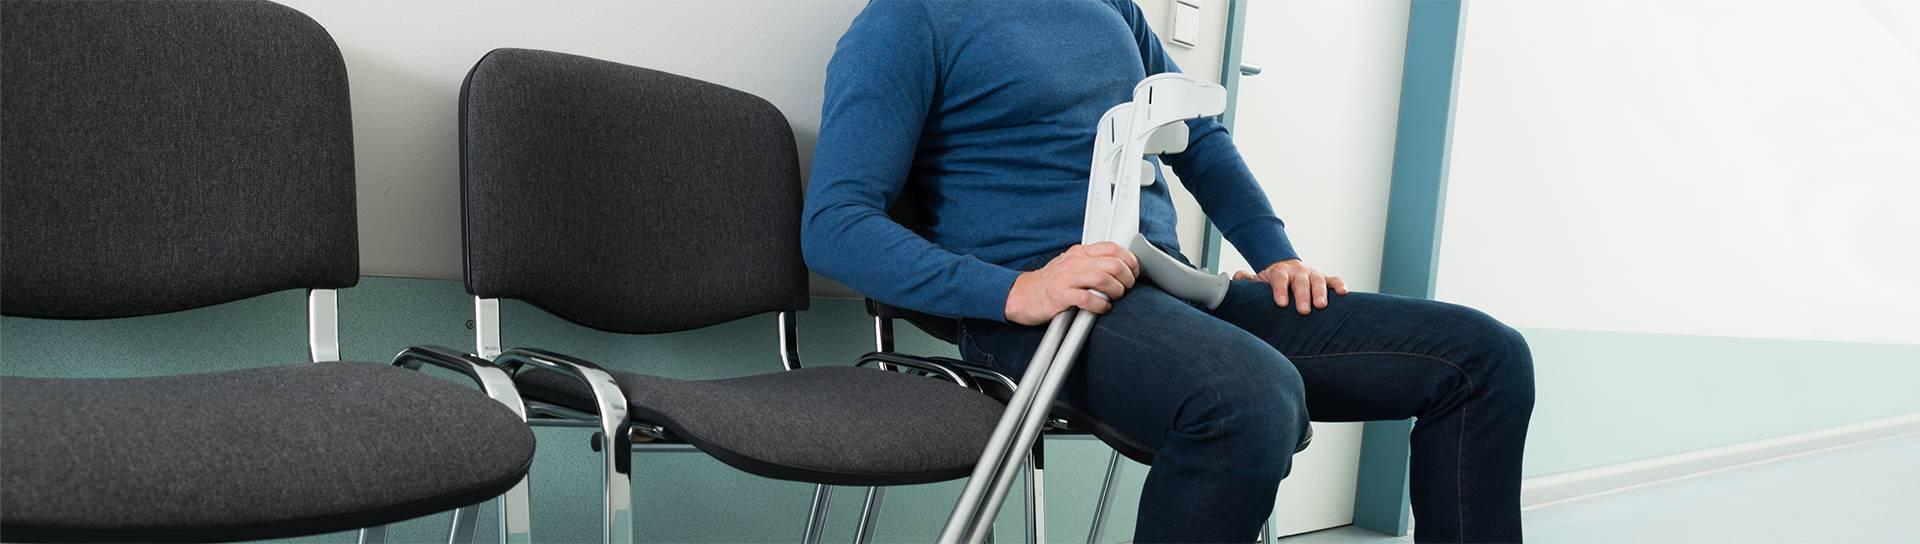 אדם עם קביים ממתין לרופא